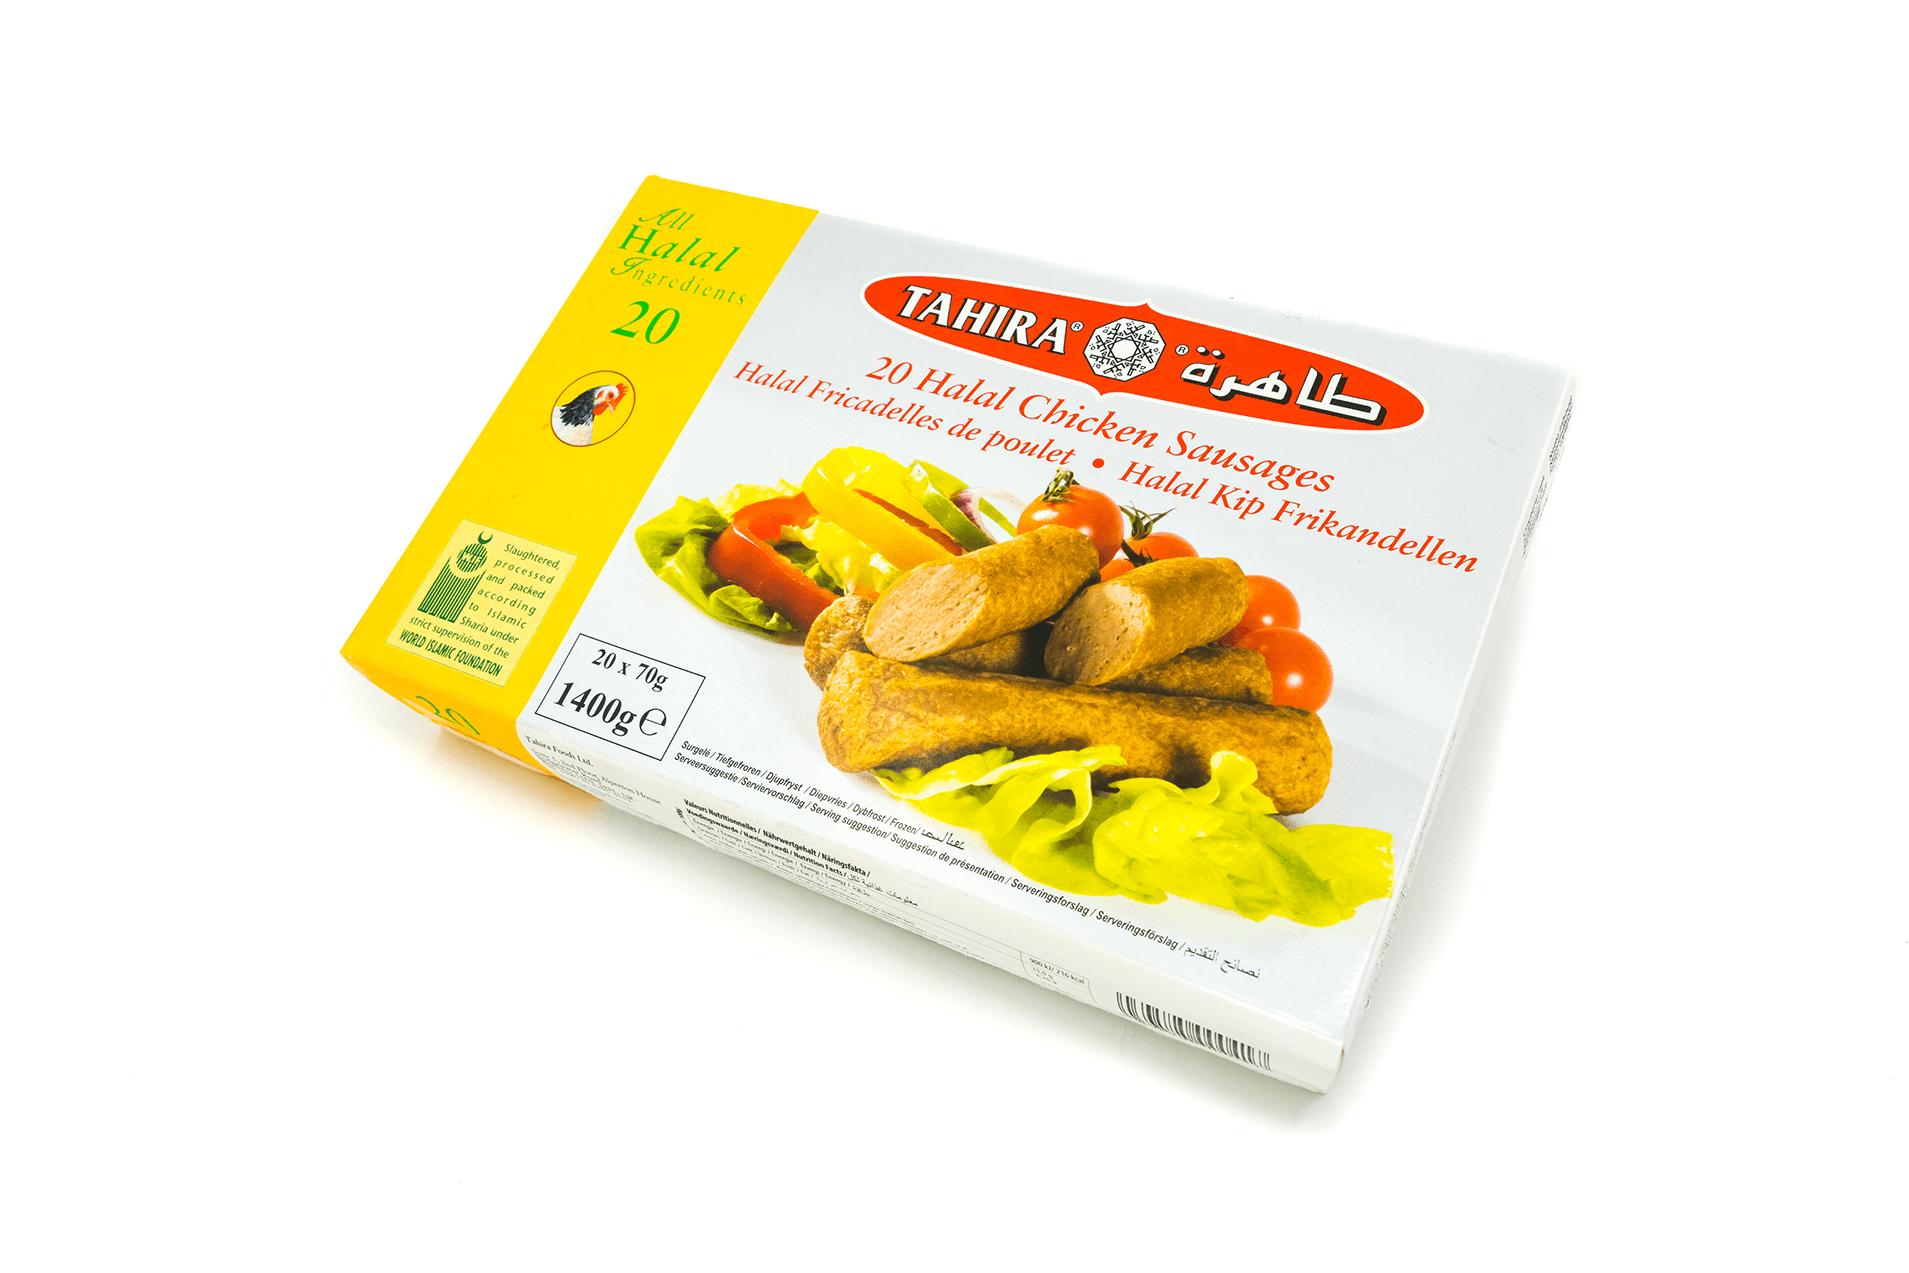 Tahira Chicken Sausages